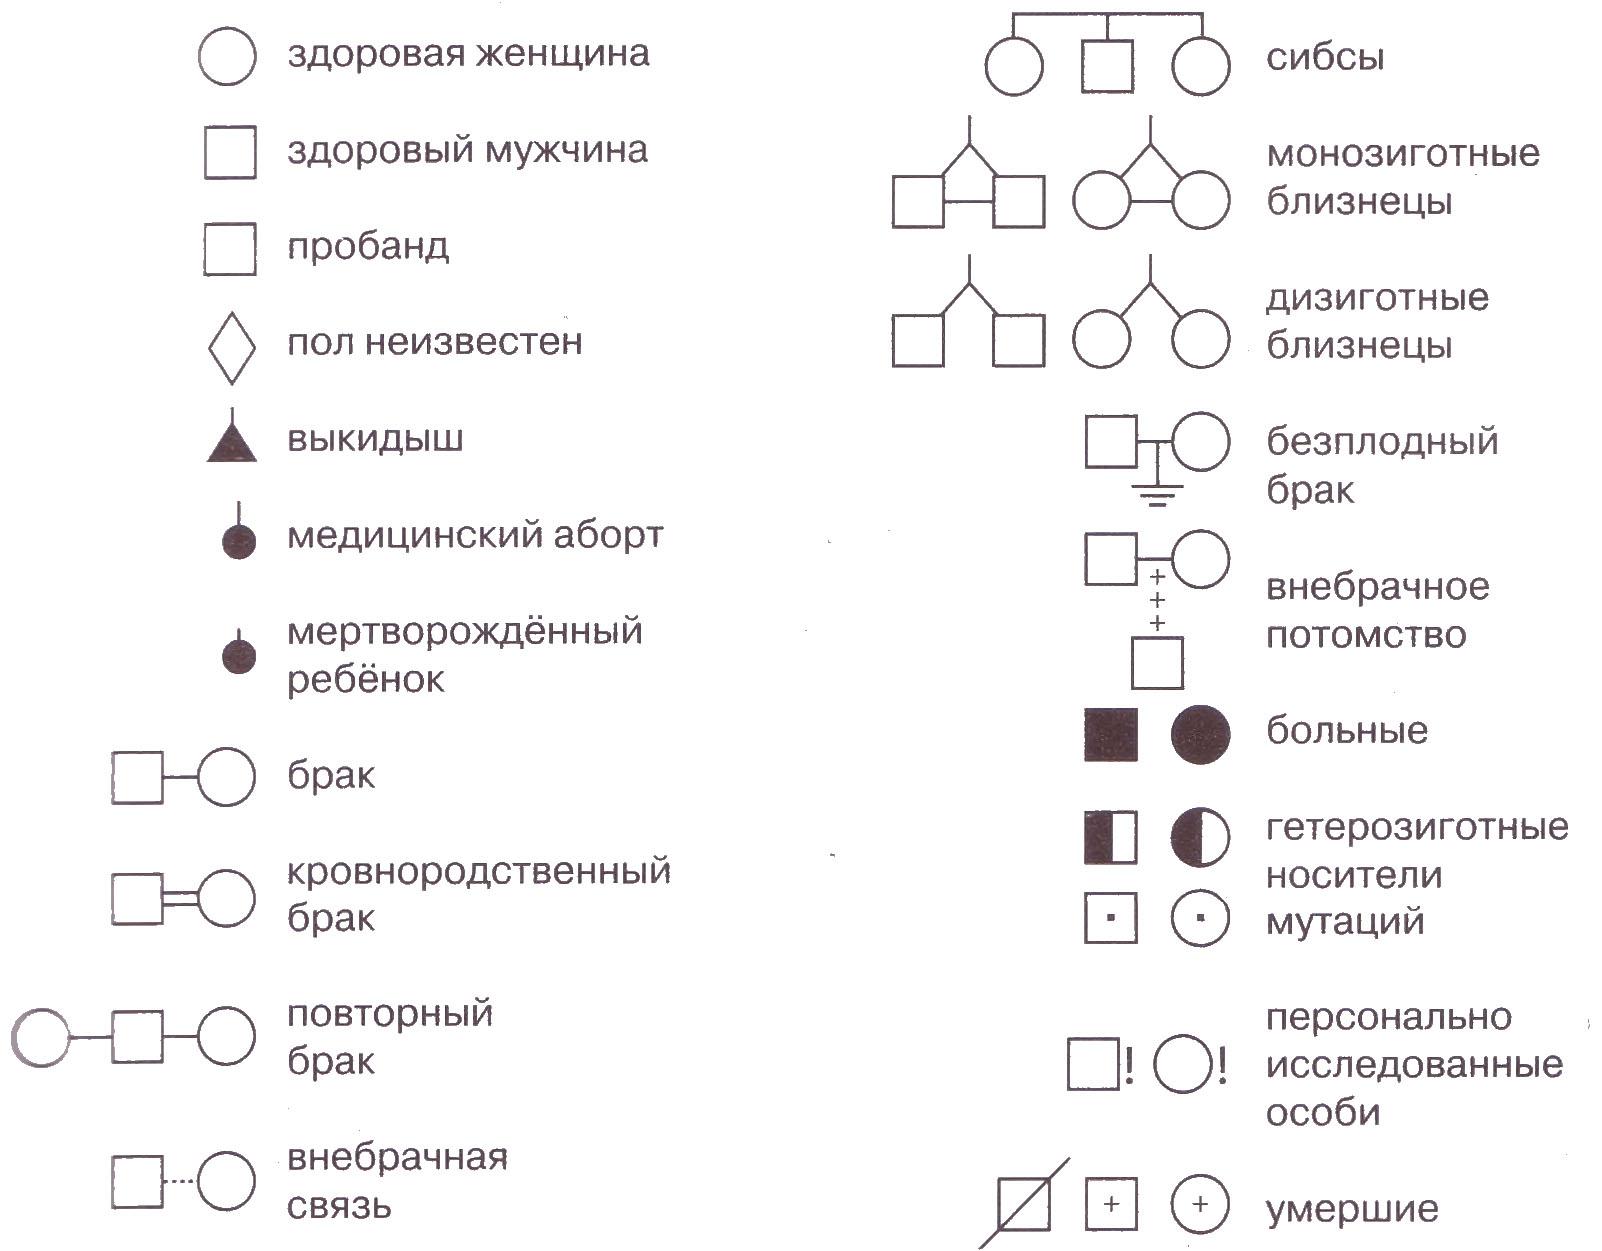 Генеалогический метод исследований в генетике Биология Реферат  Рис 25 Обозначения при составлении родословной